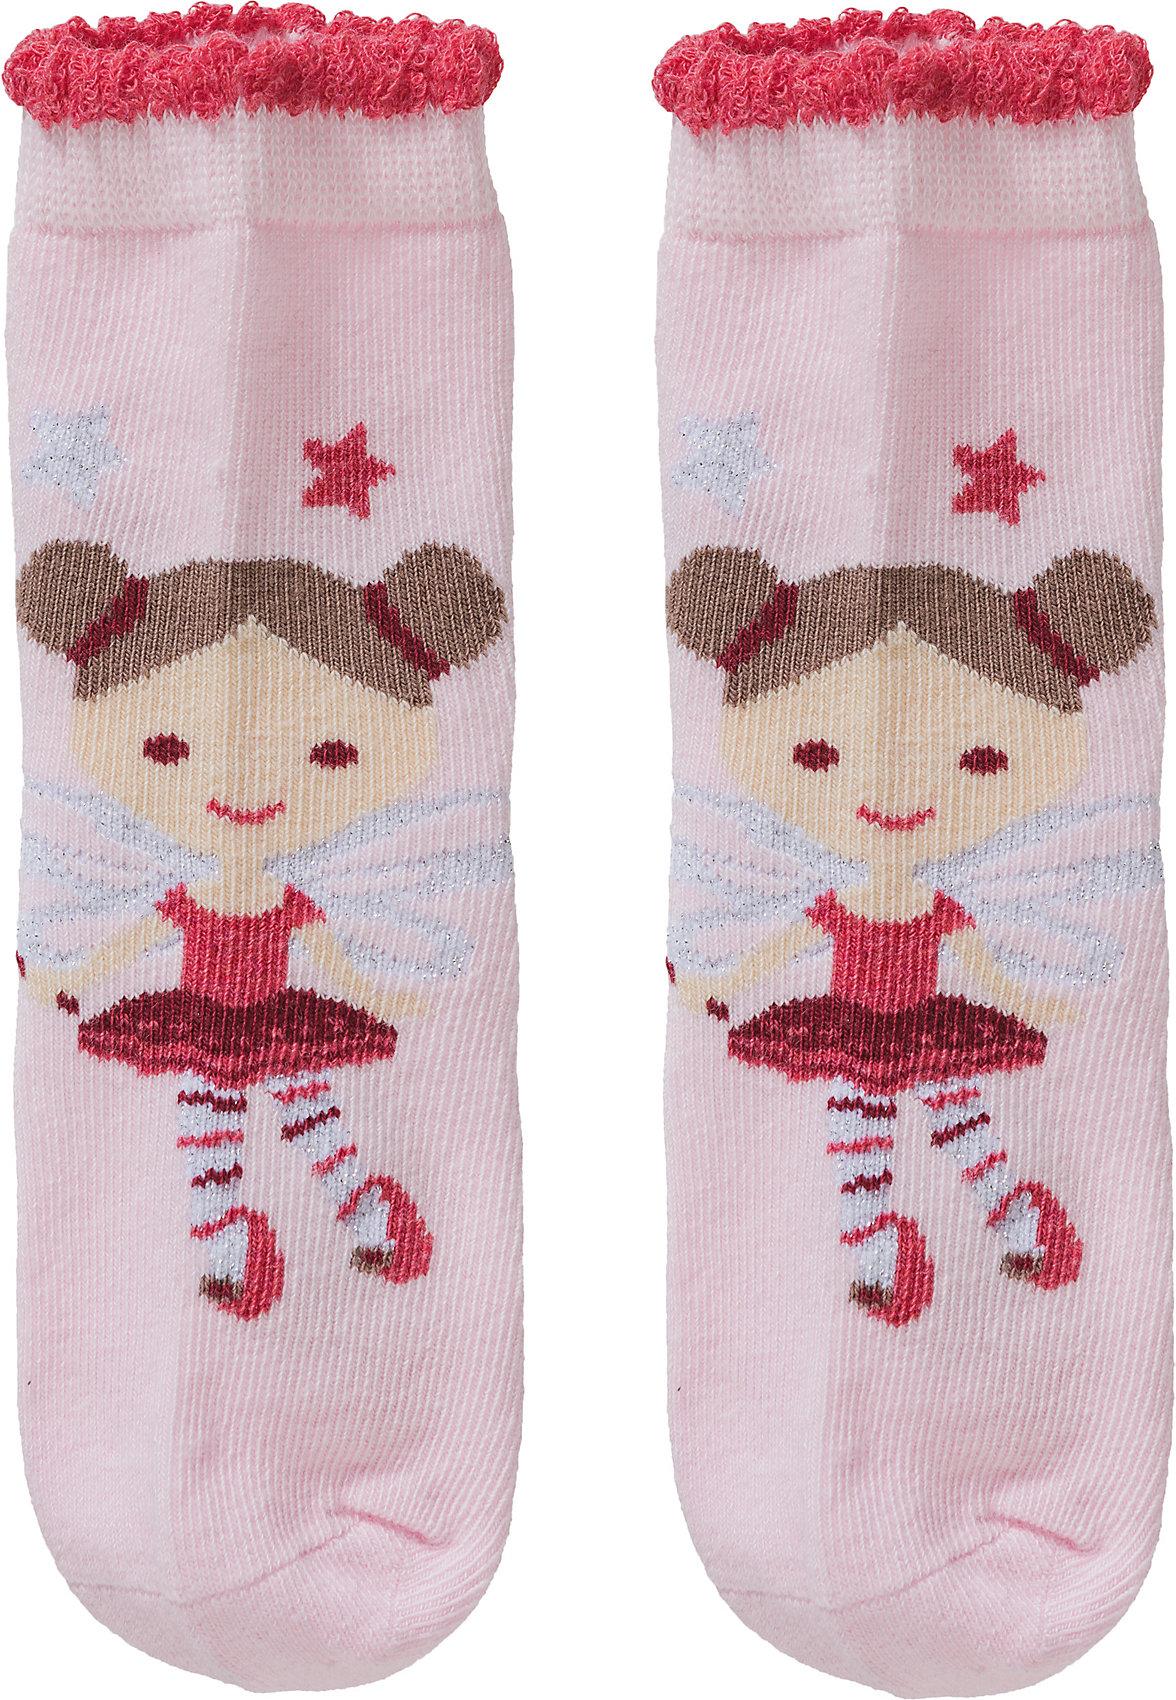 Socken Neu Sterntaler Soeckchen 3er-Pack Sterne 11001356 für Mädchen